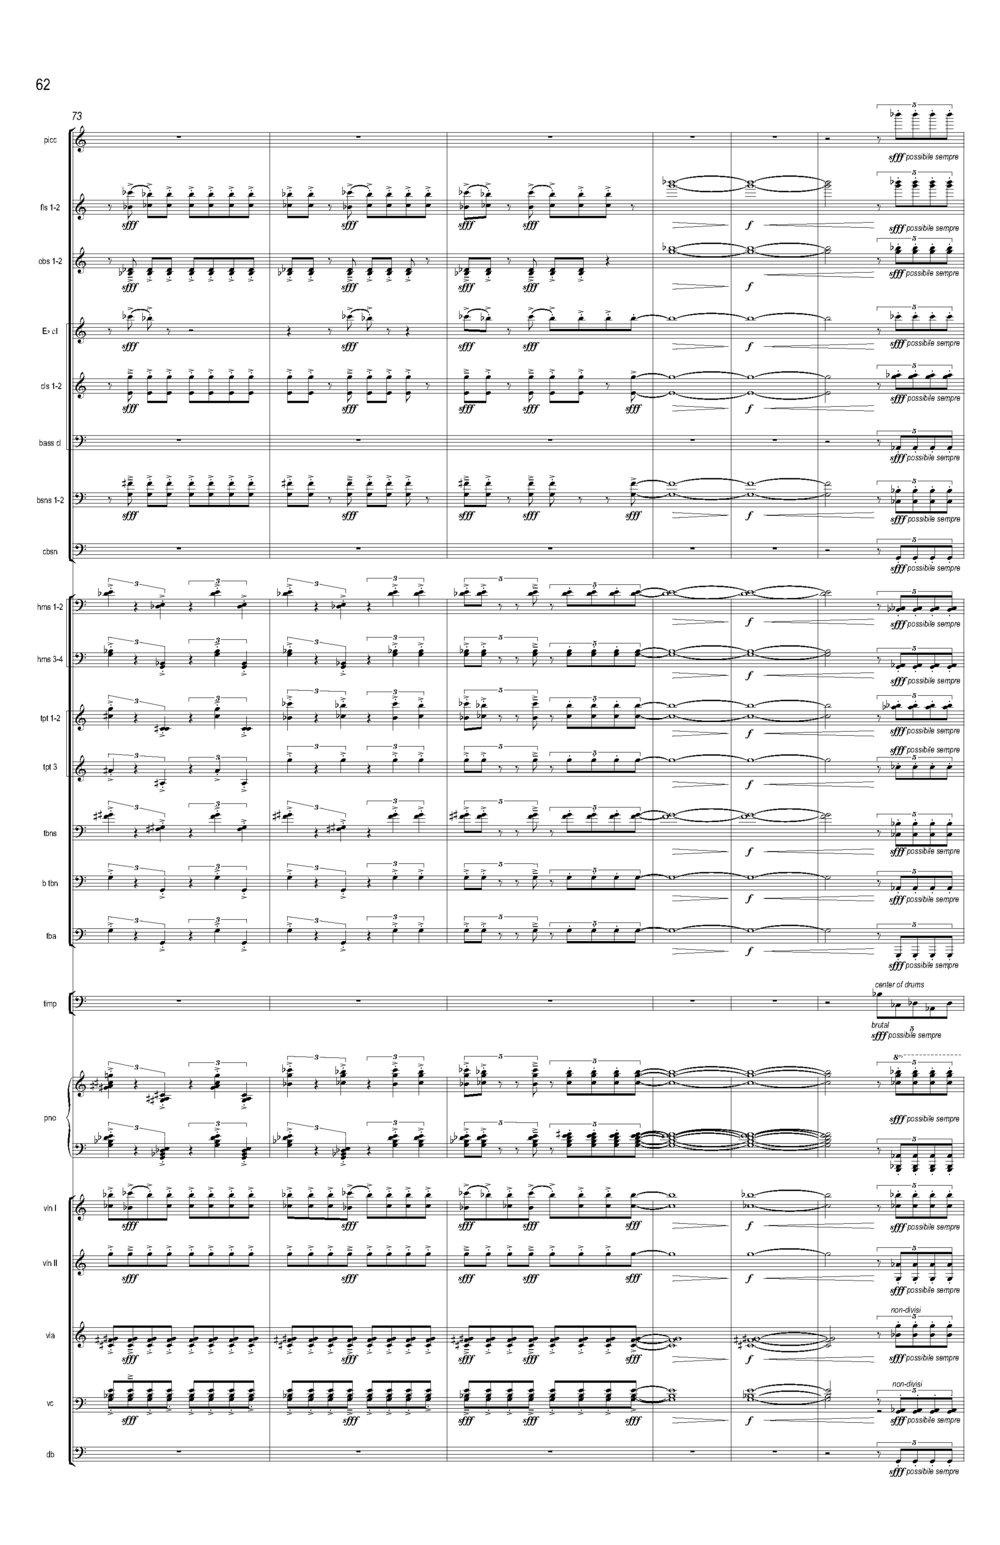 Ciach_Collective Uncommon REVISED_Full Score (Feb 2017)_Seite_68.jpg